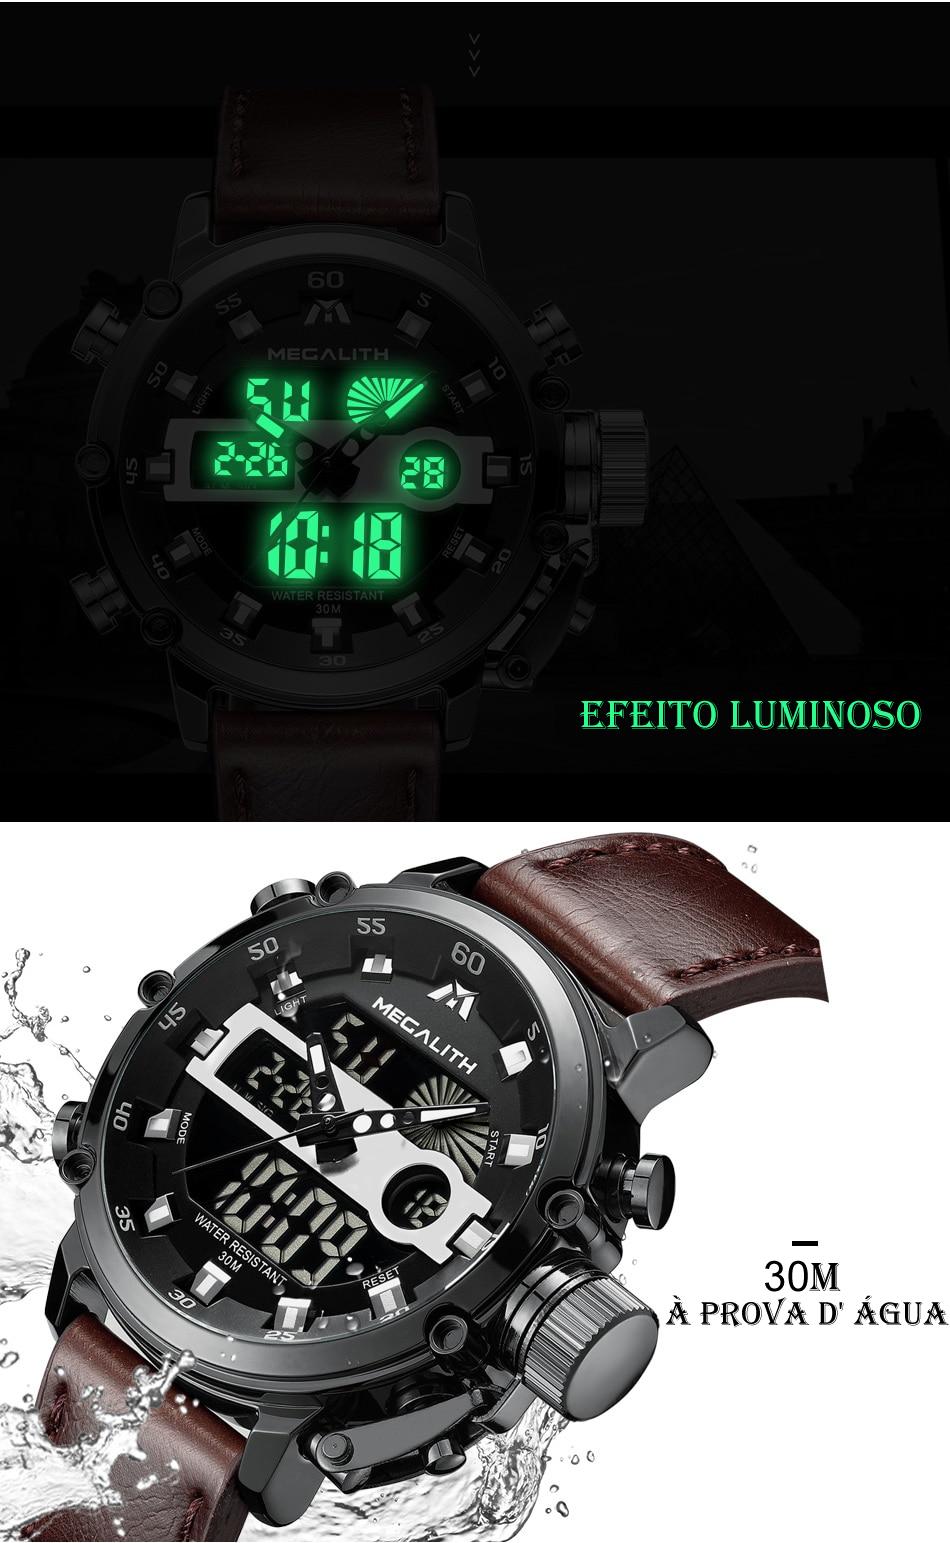 Relógio Megalith 8051 Pulseira de Couro-3